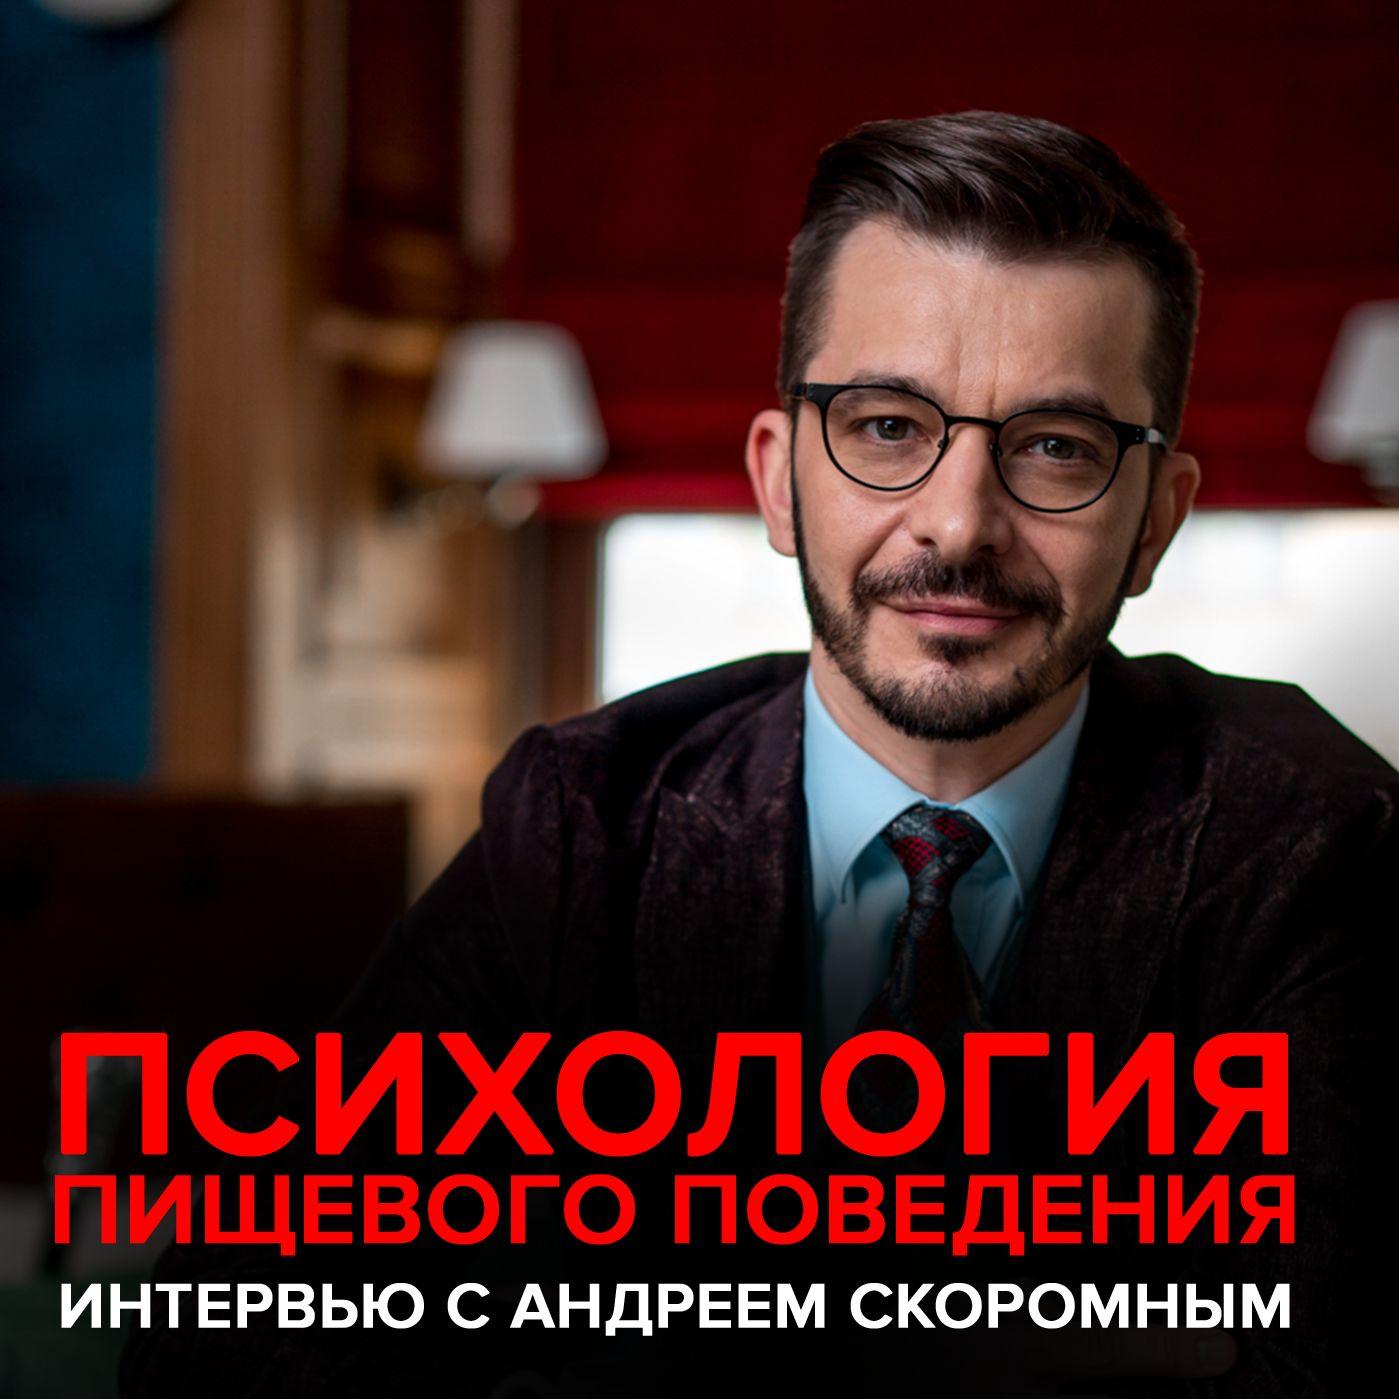 Андрей Курпатов Психология пищевого поведения. Интервью с Андреем Скоромным